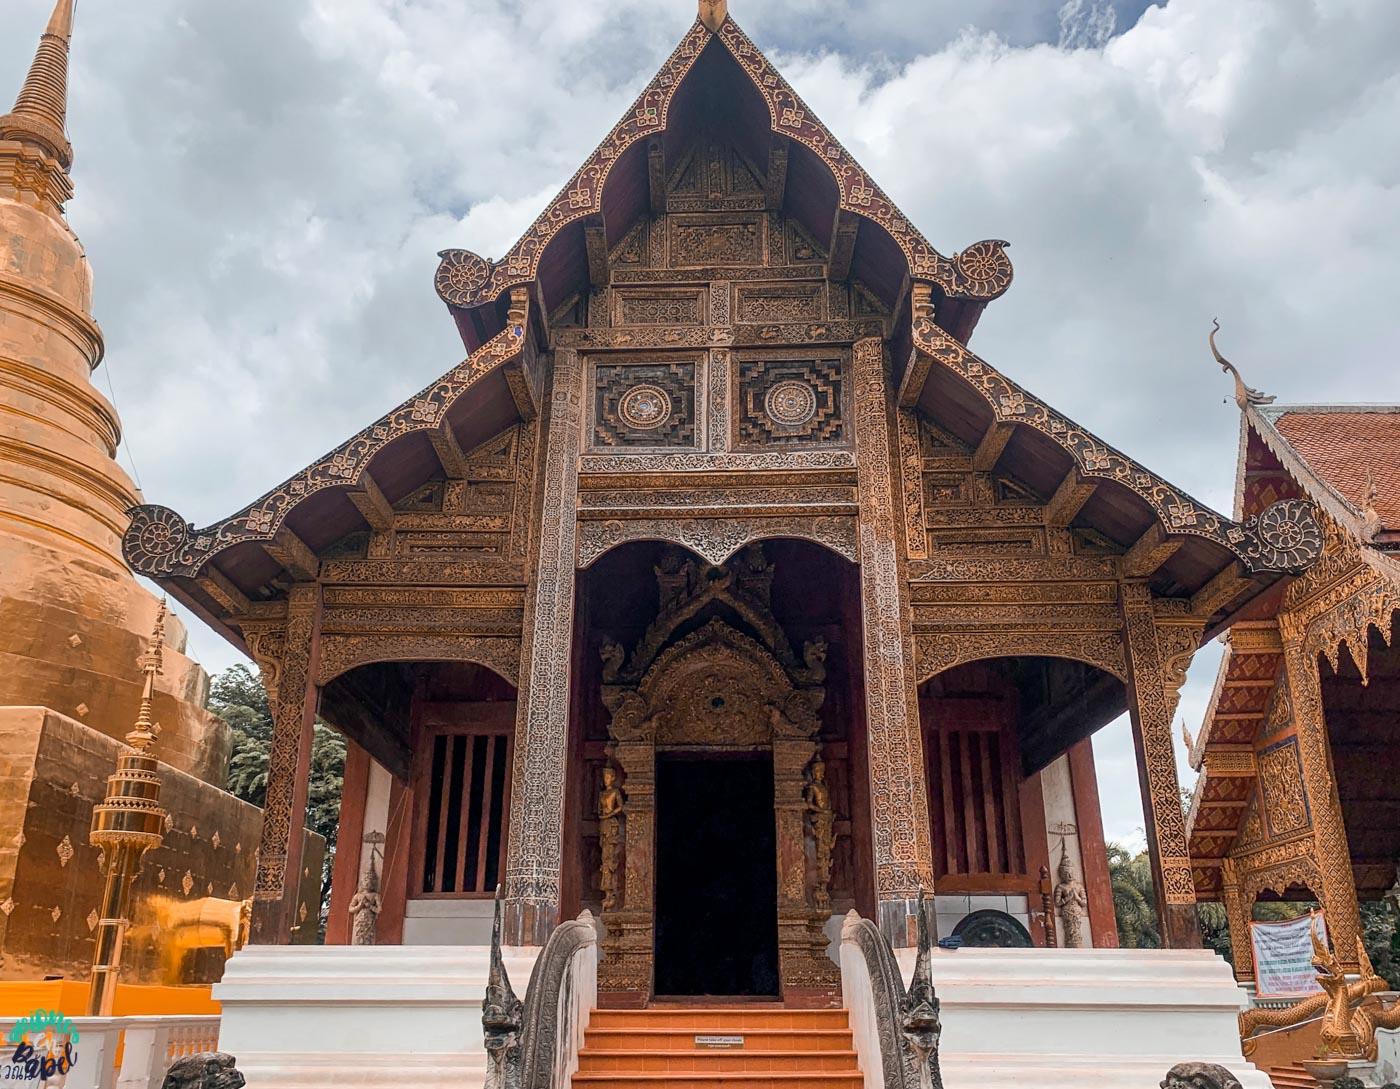 Ubosot de Wat Phra Singh - Chiang Mai